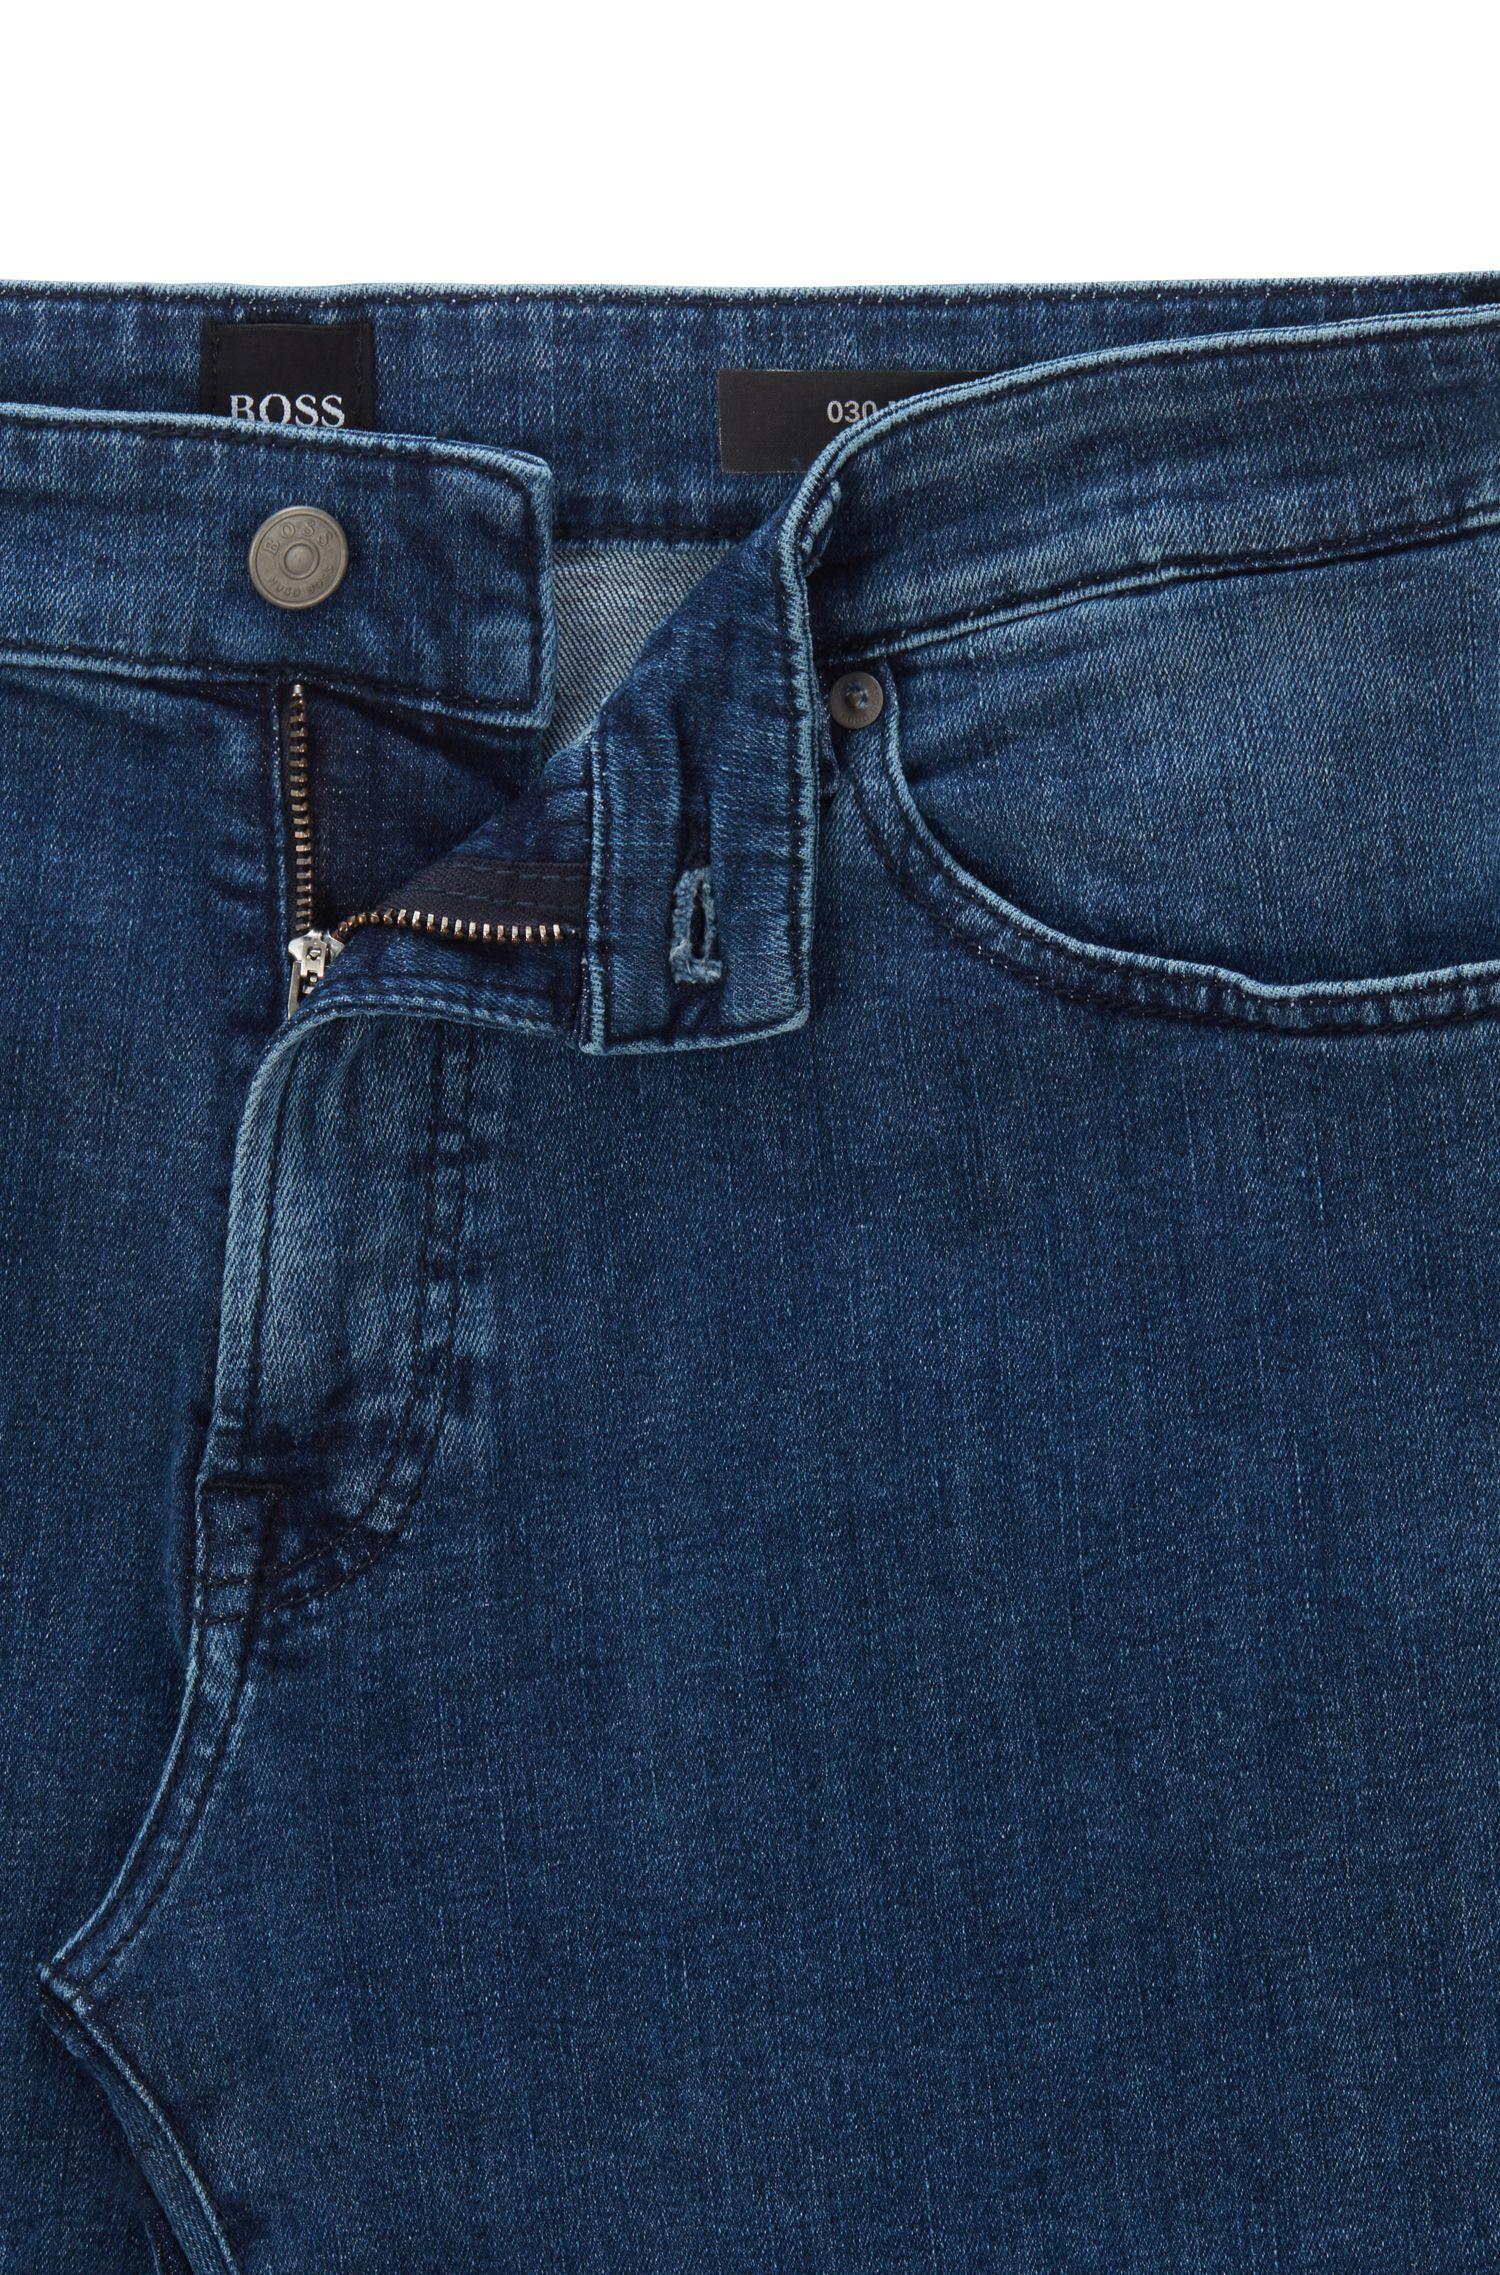 Hugo Boss - Regular-fit jeans in washed super-stretch denim - 5